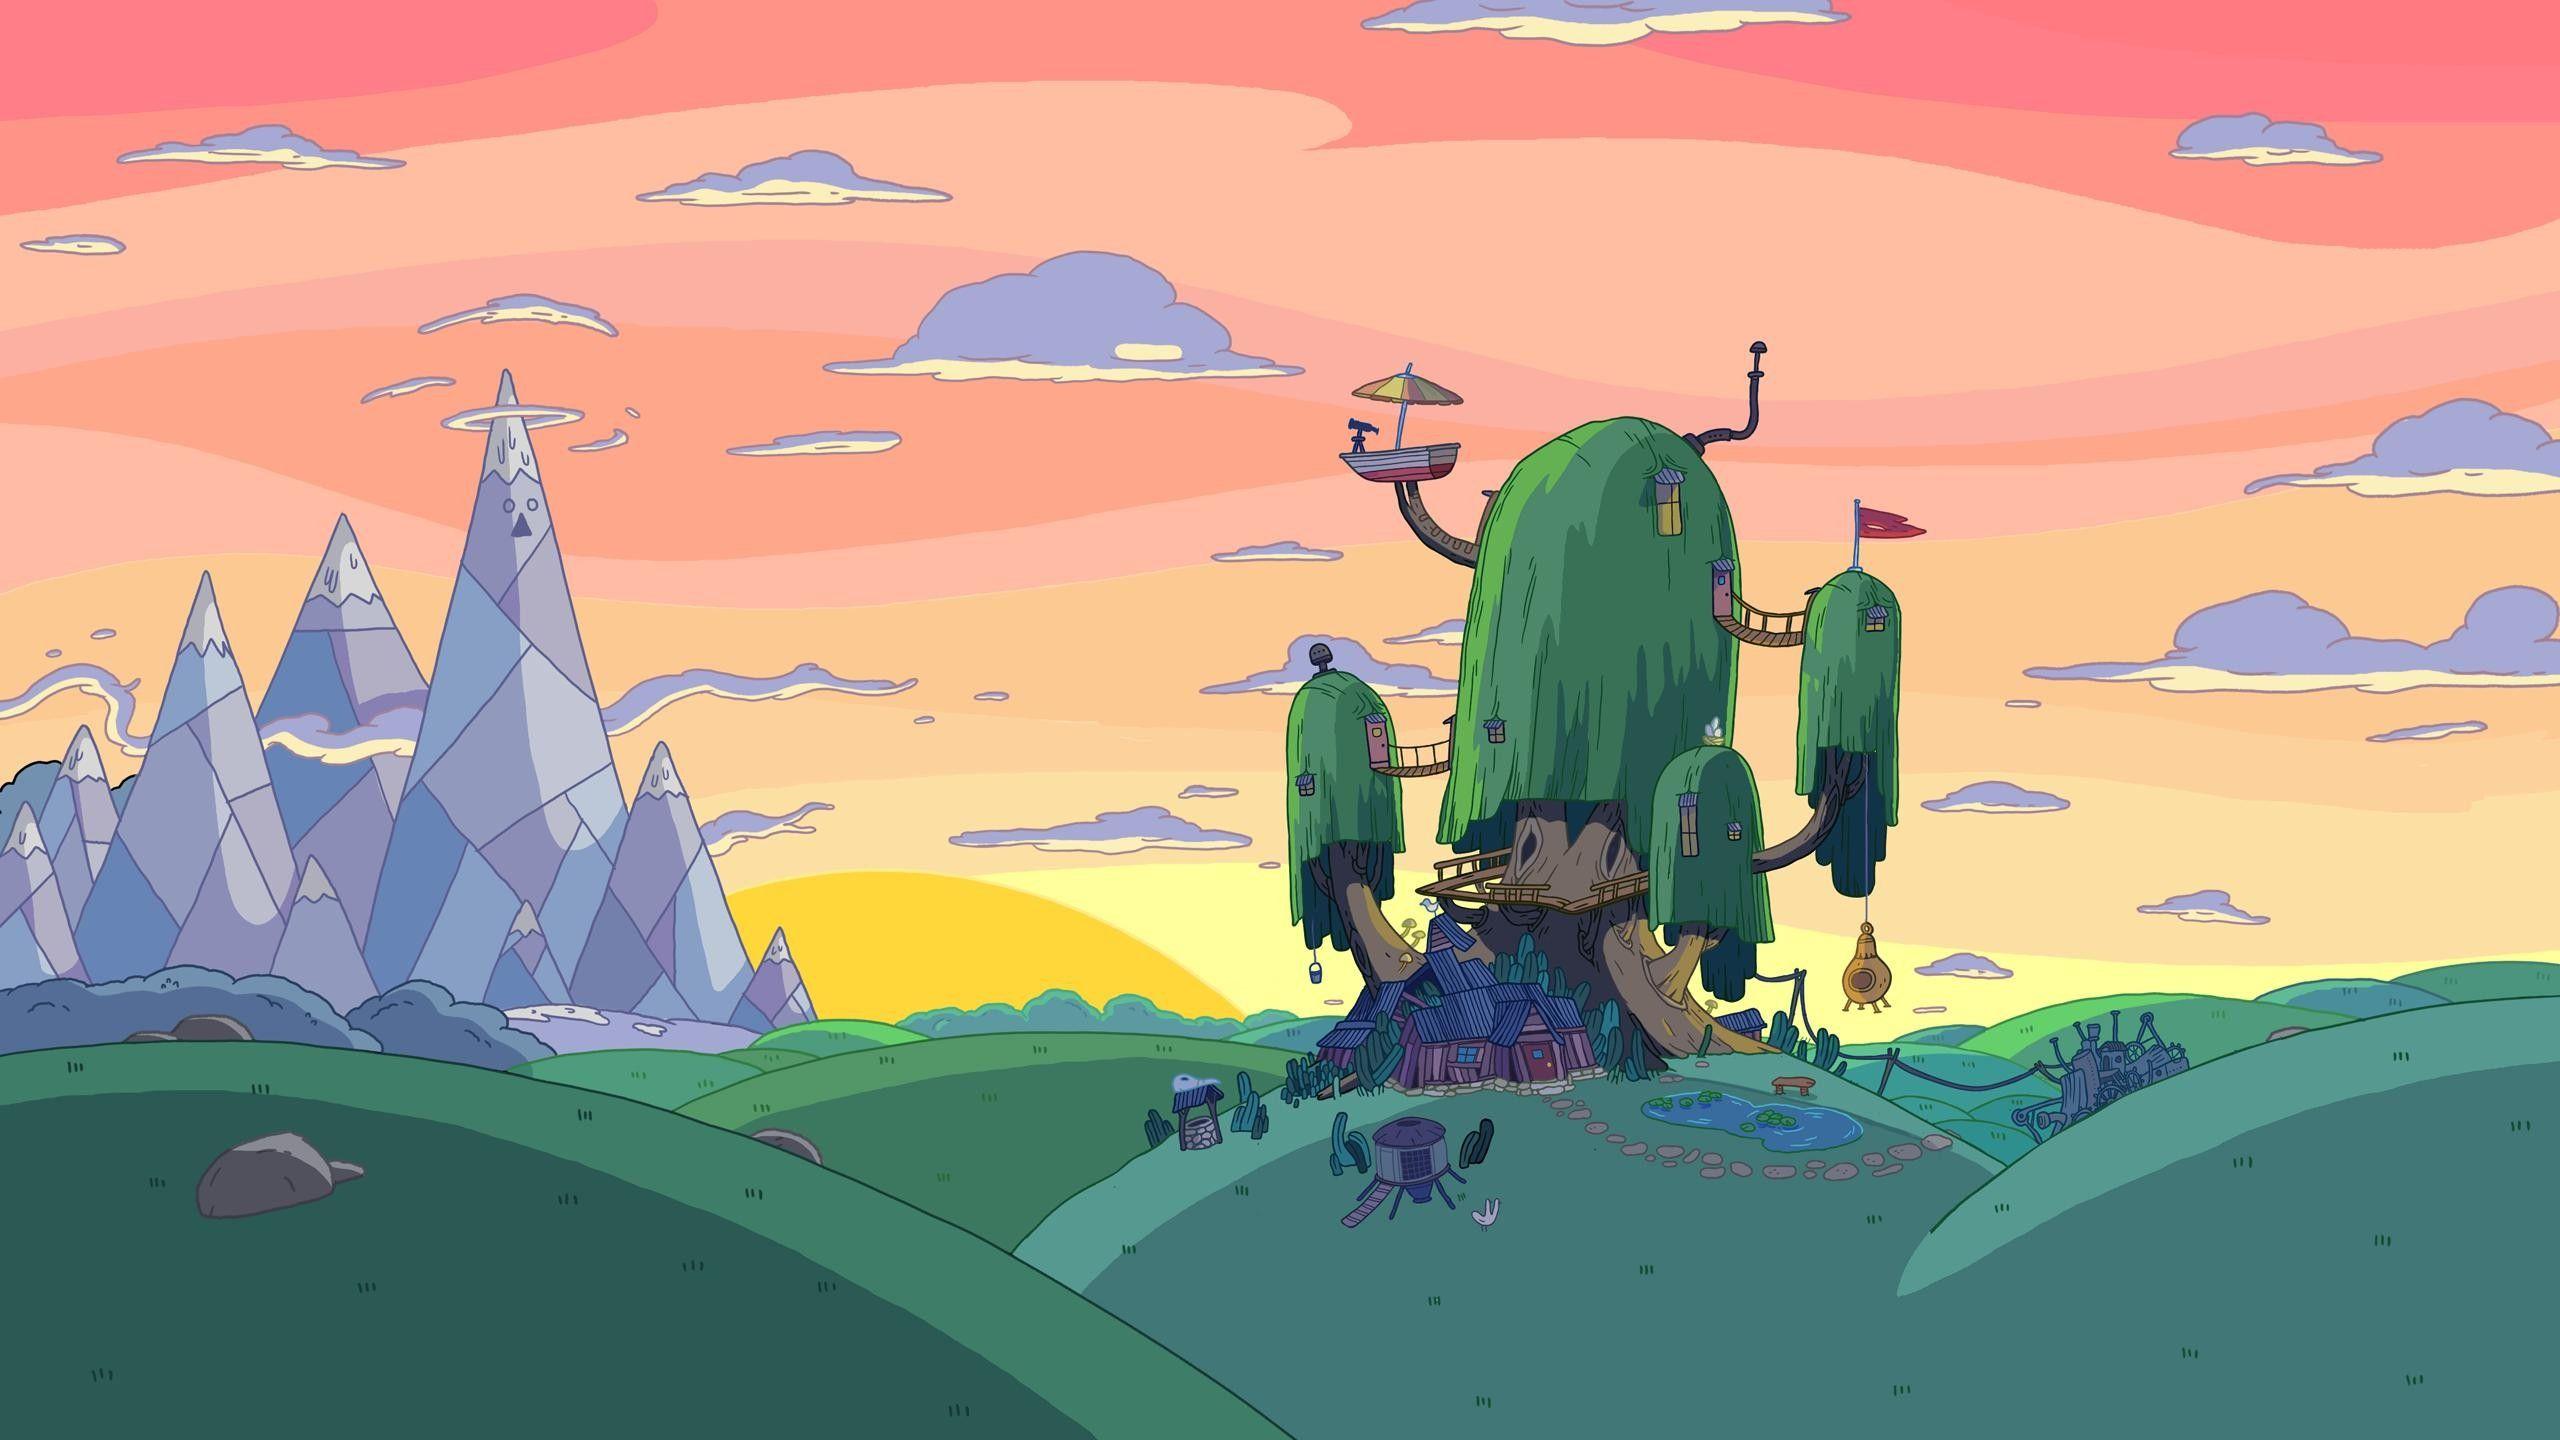 2560 x 1440 Wallpaper dump Adventure time wallpaper